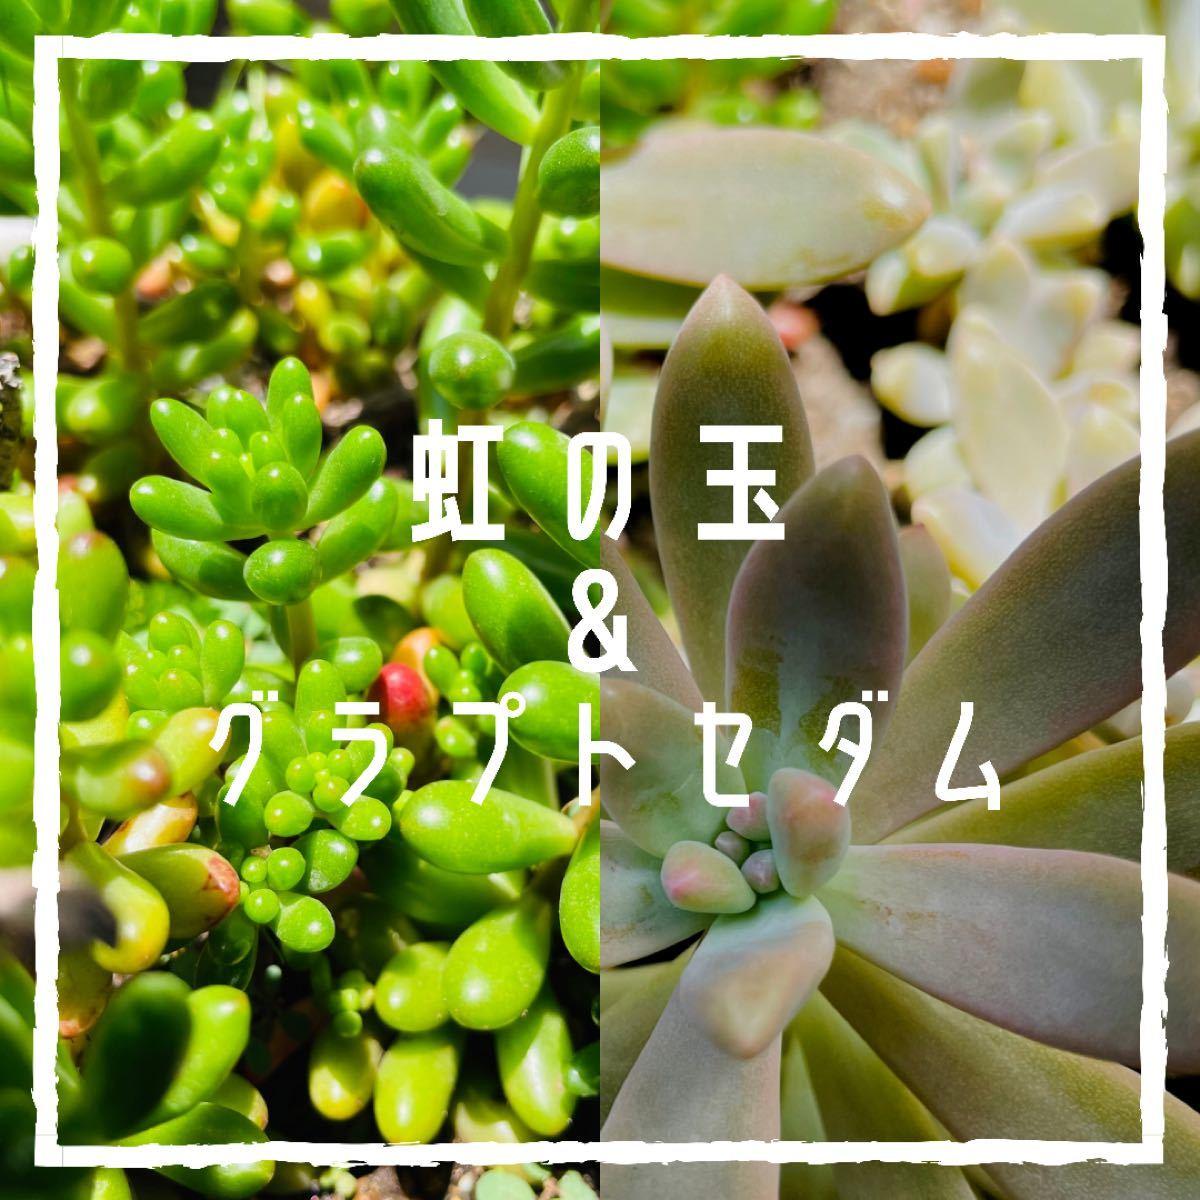 多肉植物 寄せ植えに使えます虹の玉&グラプトセダム 抜き苗 カット苗 各種3本(器無し、ネコポス発送予定)